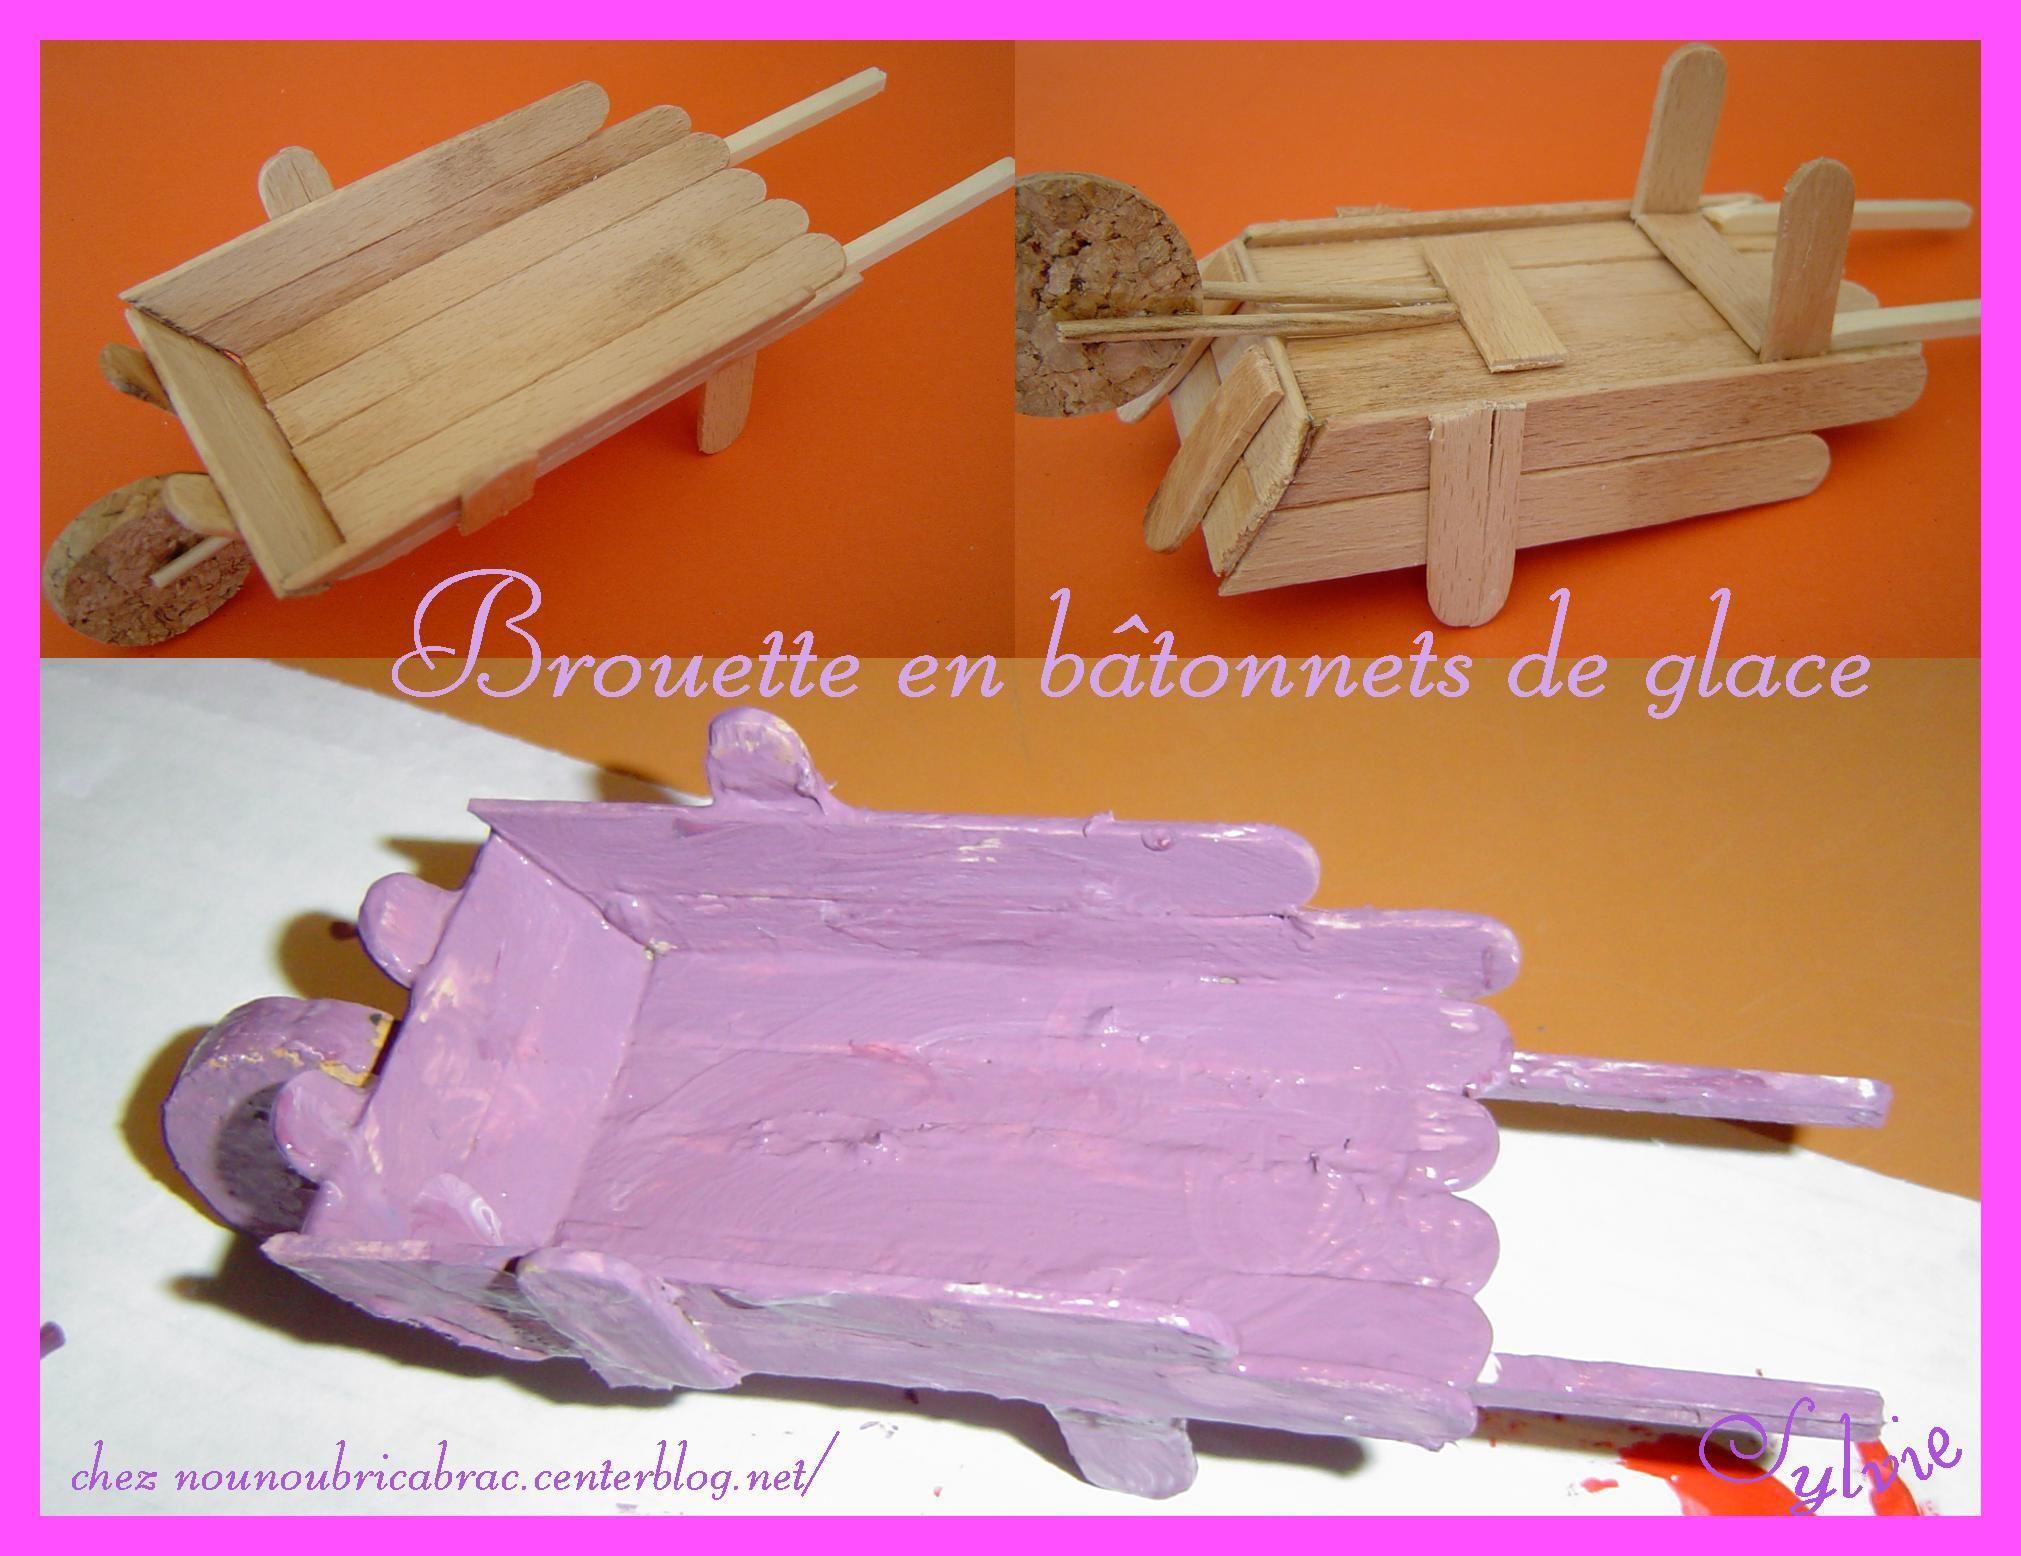 brouette baton de glace pinterest batonnet de glace baton de glace et b tonnets. Black Bedroom Furniture Sets. Home Design Ideas